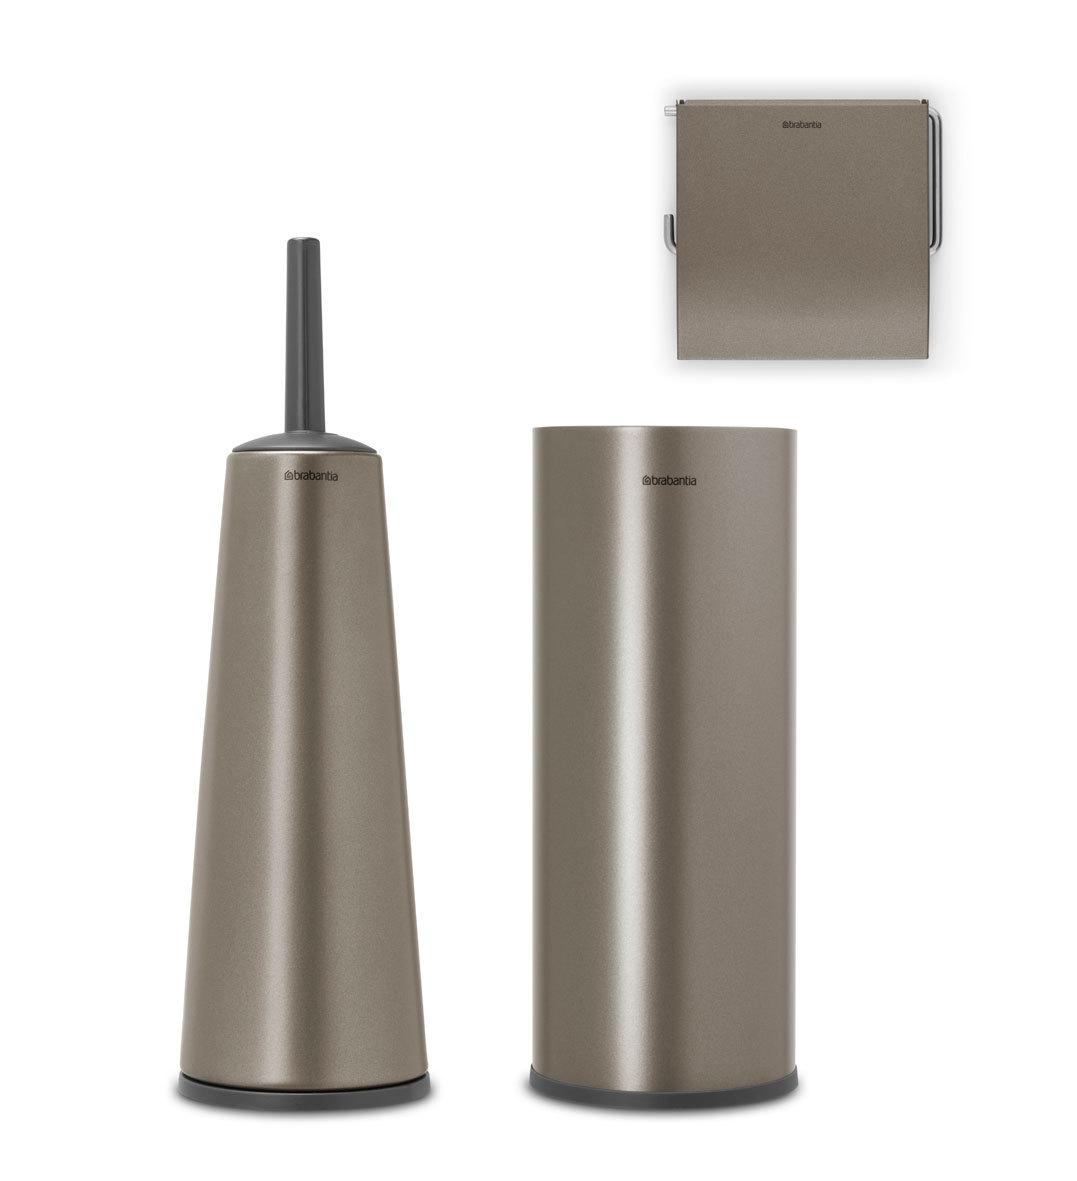 Набор аксессуаров для туалетной комнаты ReNew, 3 пр., Платиновый, арт. 280641 - фото 1